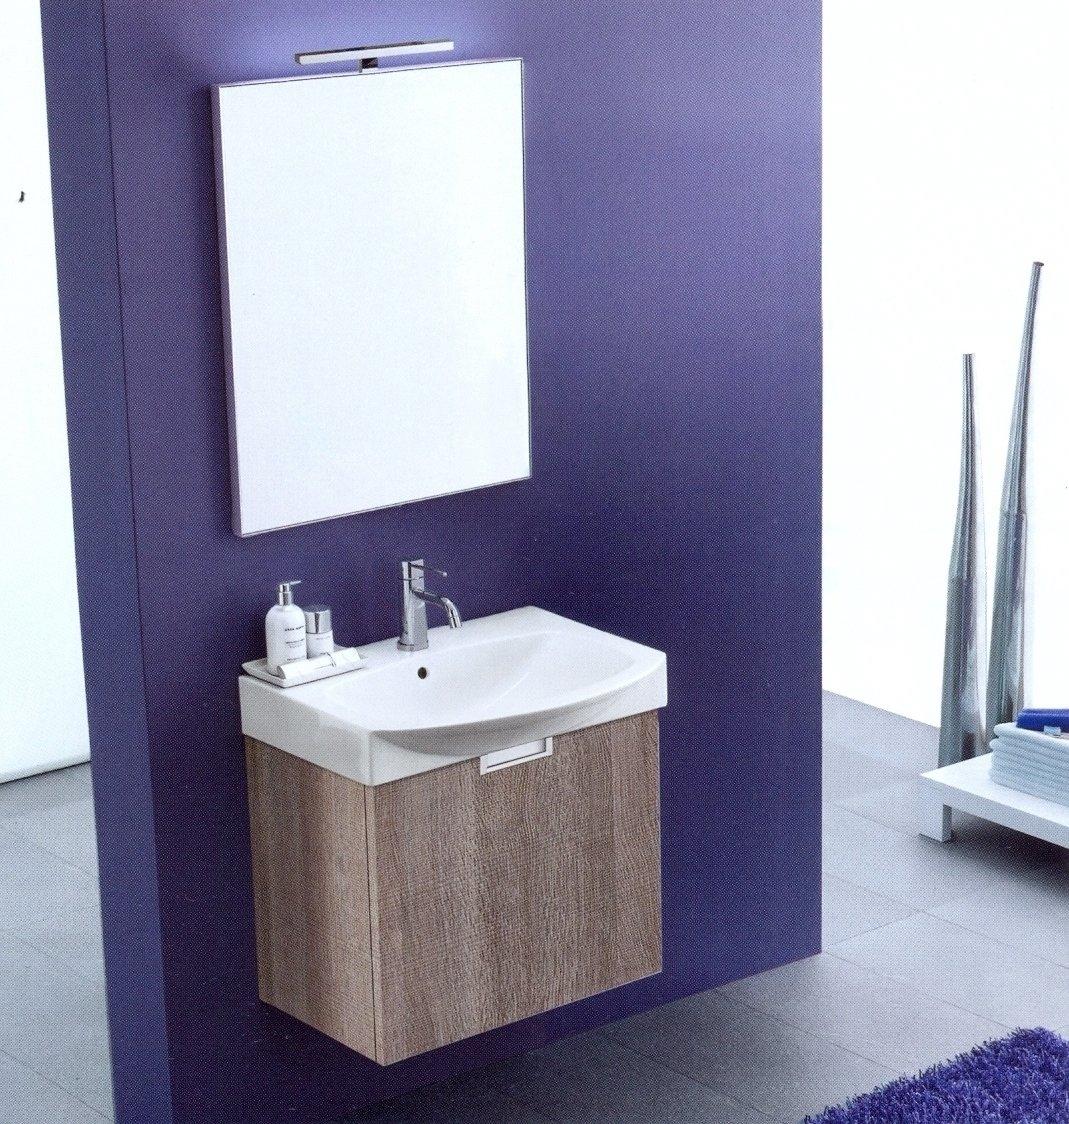 Composizione bagno ARBI - Arredo bagno a prezzi scontati